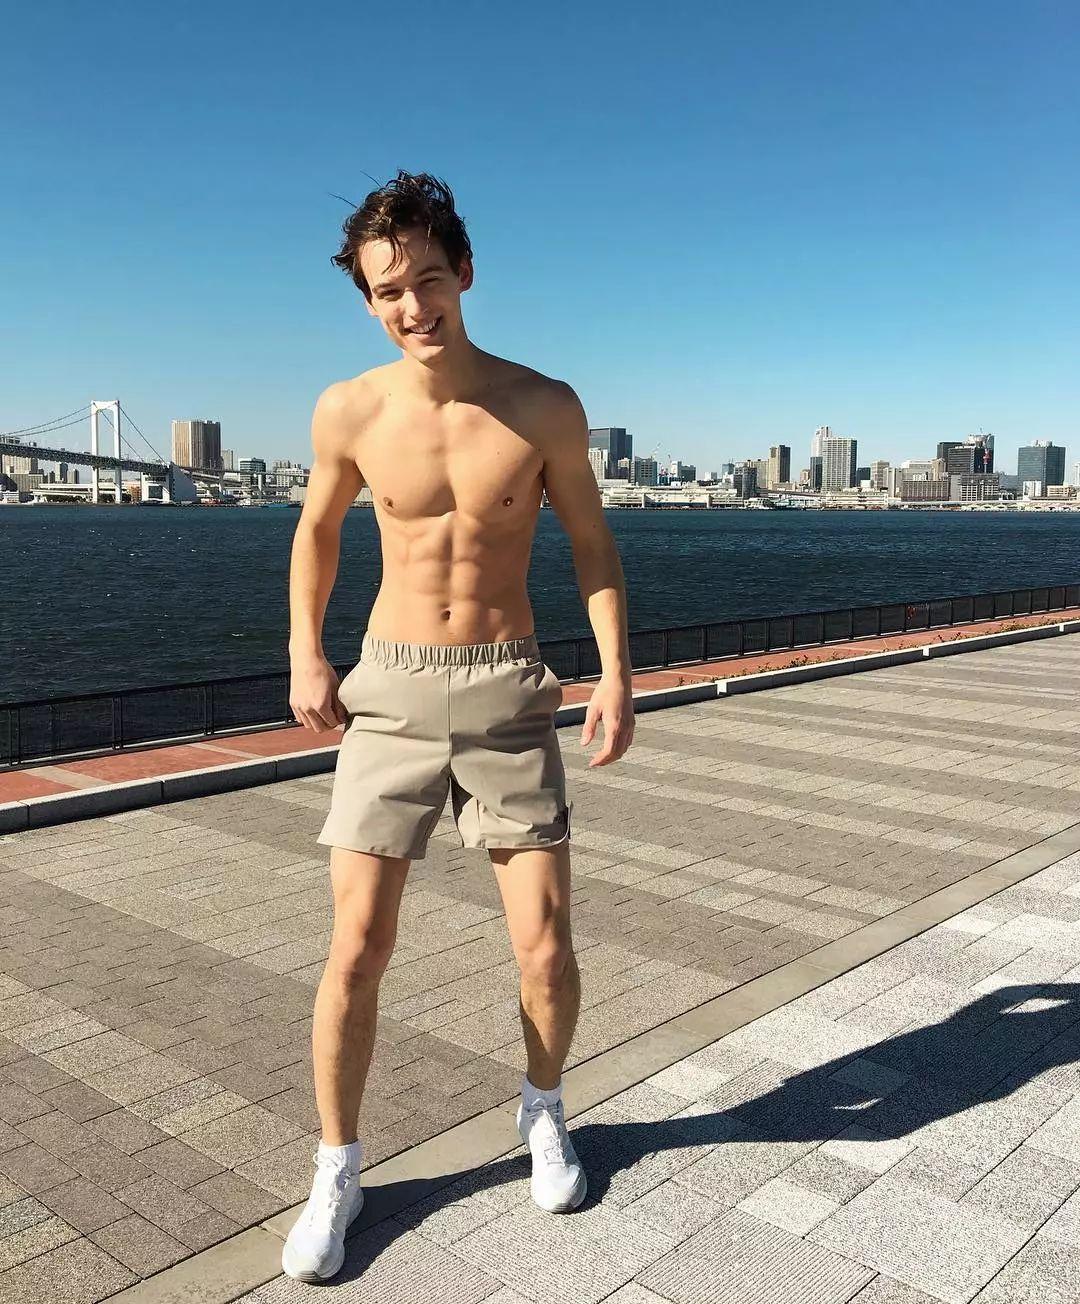 喜欢日本文化的可爱系男模 Zsombor Hajdu